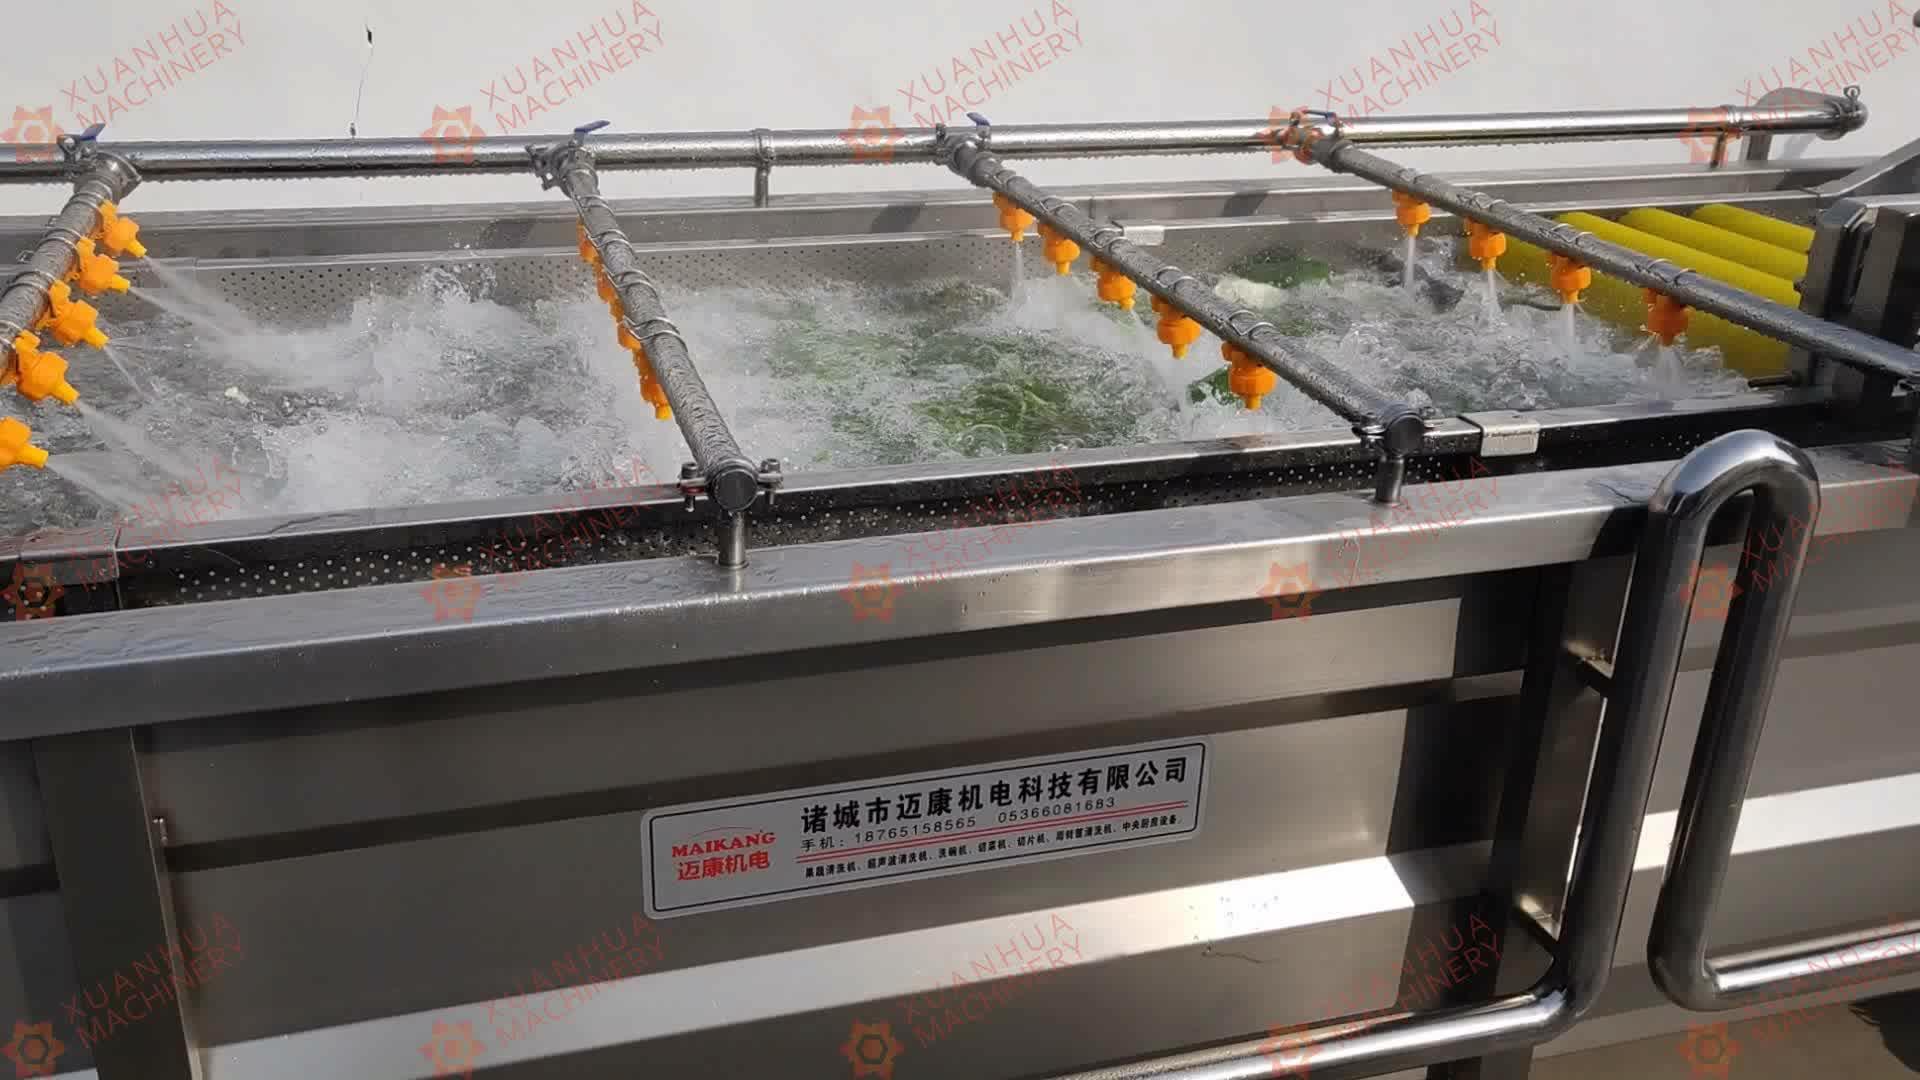 อัตโนมัติ Air Blower ผลไม้และผักความชื้นขนาดเล็กแนวนอนผัก spinner เครื่องเป่าองุ่น